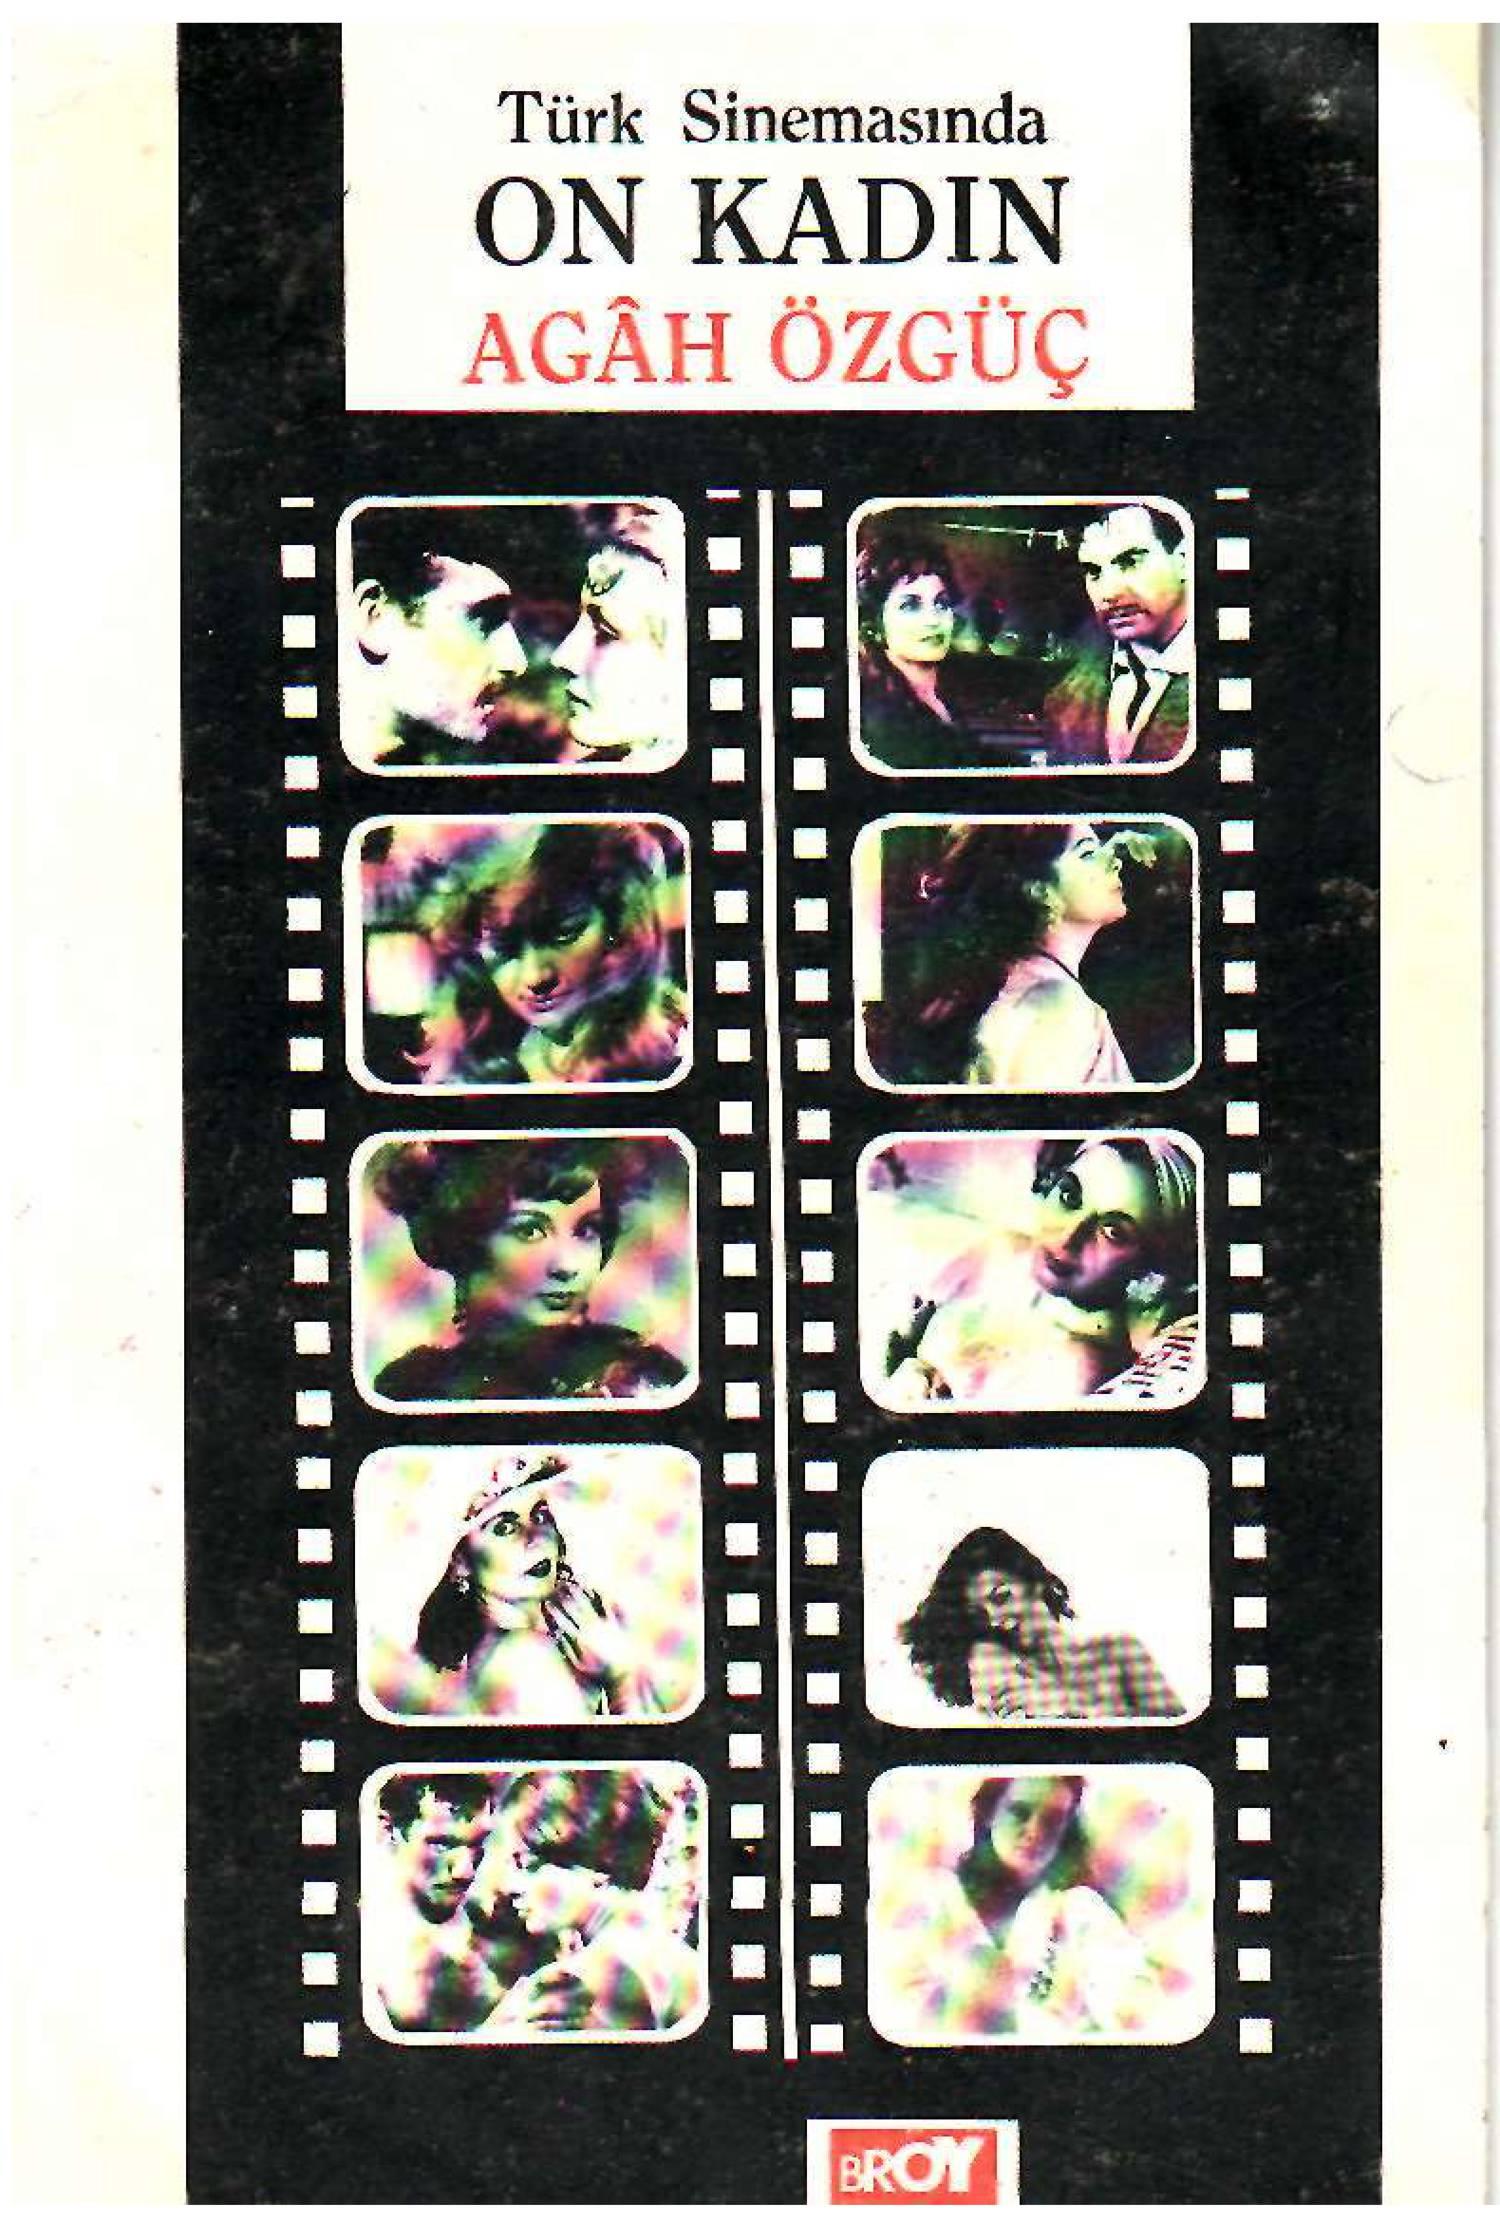 Türk Sinemasında 10 Kadın Kitap Kapağı